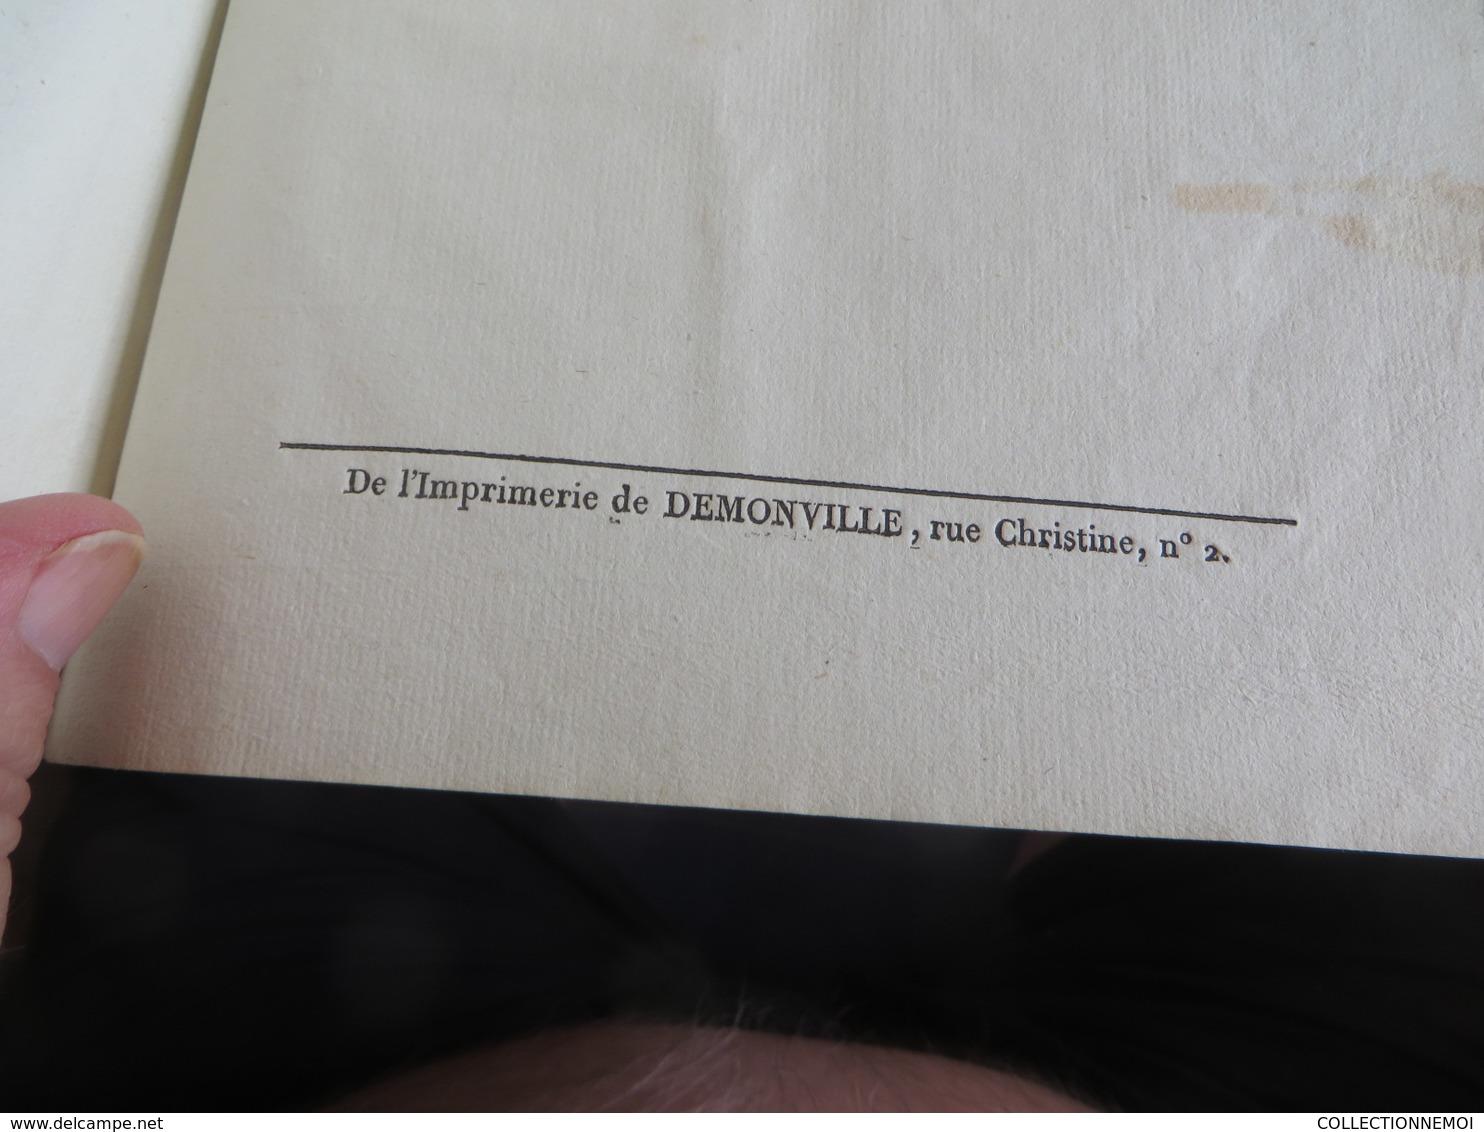 1 Lot De Tres Vieux Papiers Et Gravures ,tout Est Photographié Etat Divers De Bien à Mal,lire Description (lot 58) - Documents Historiques